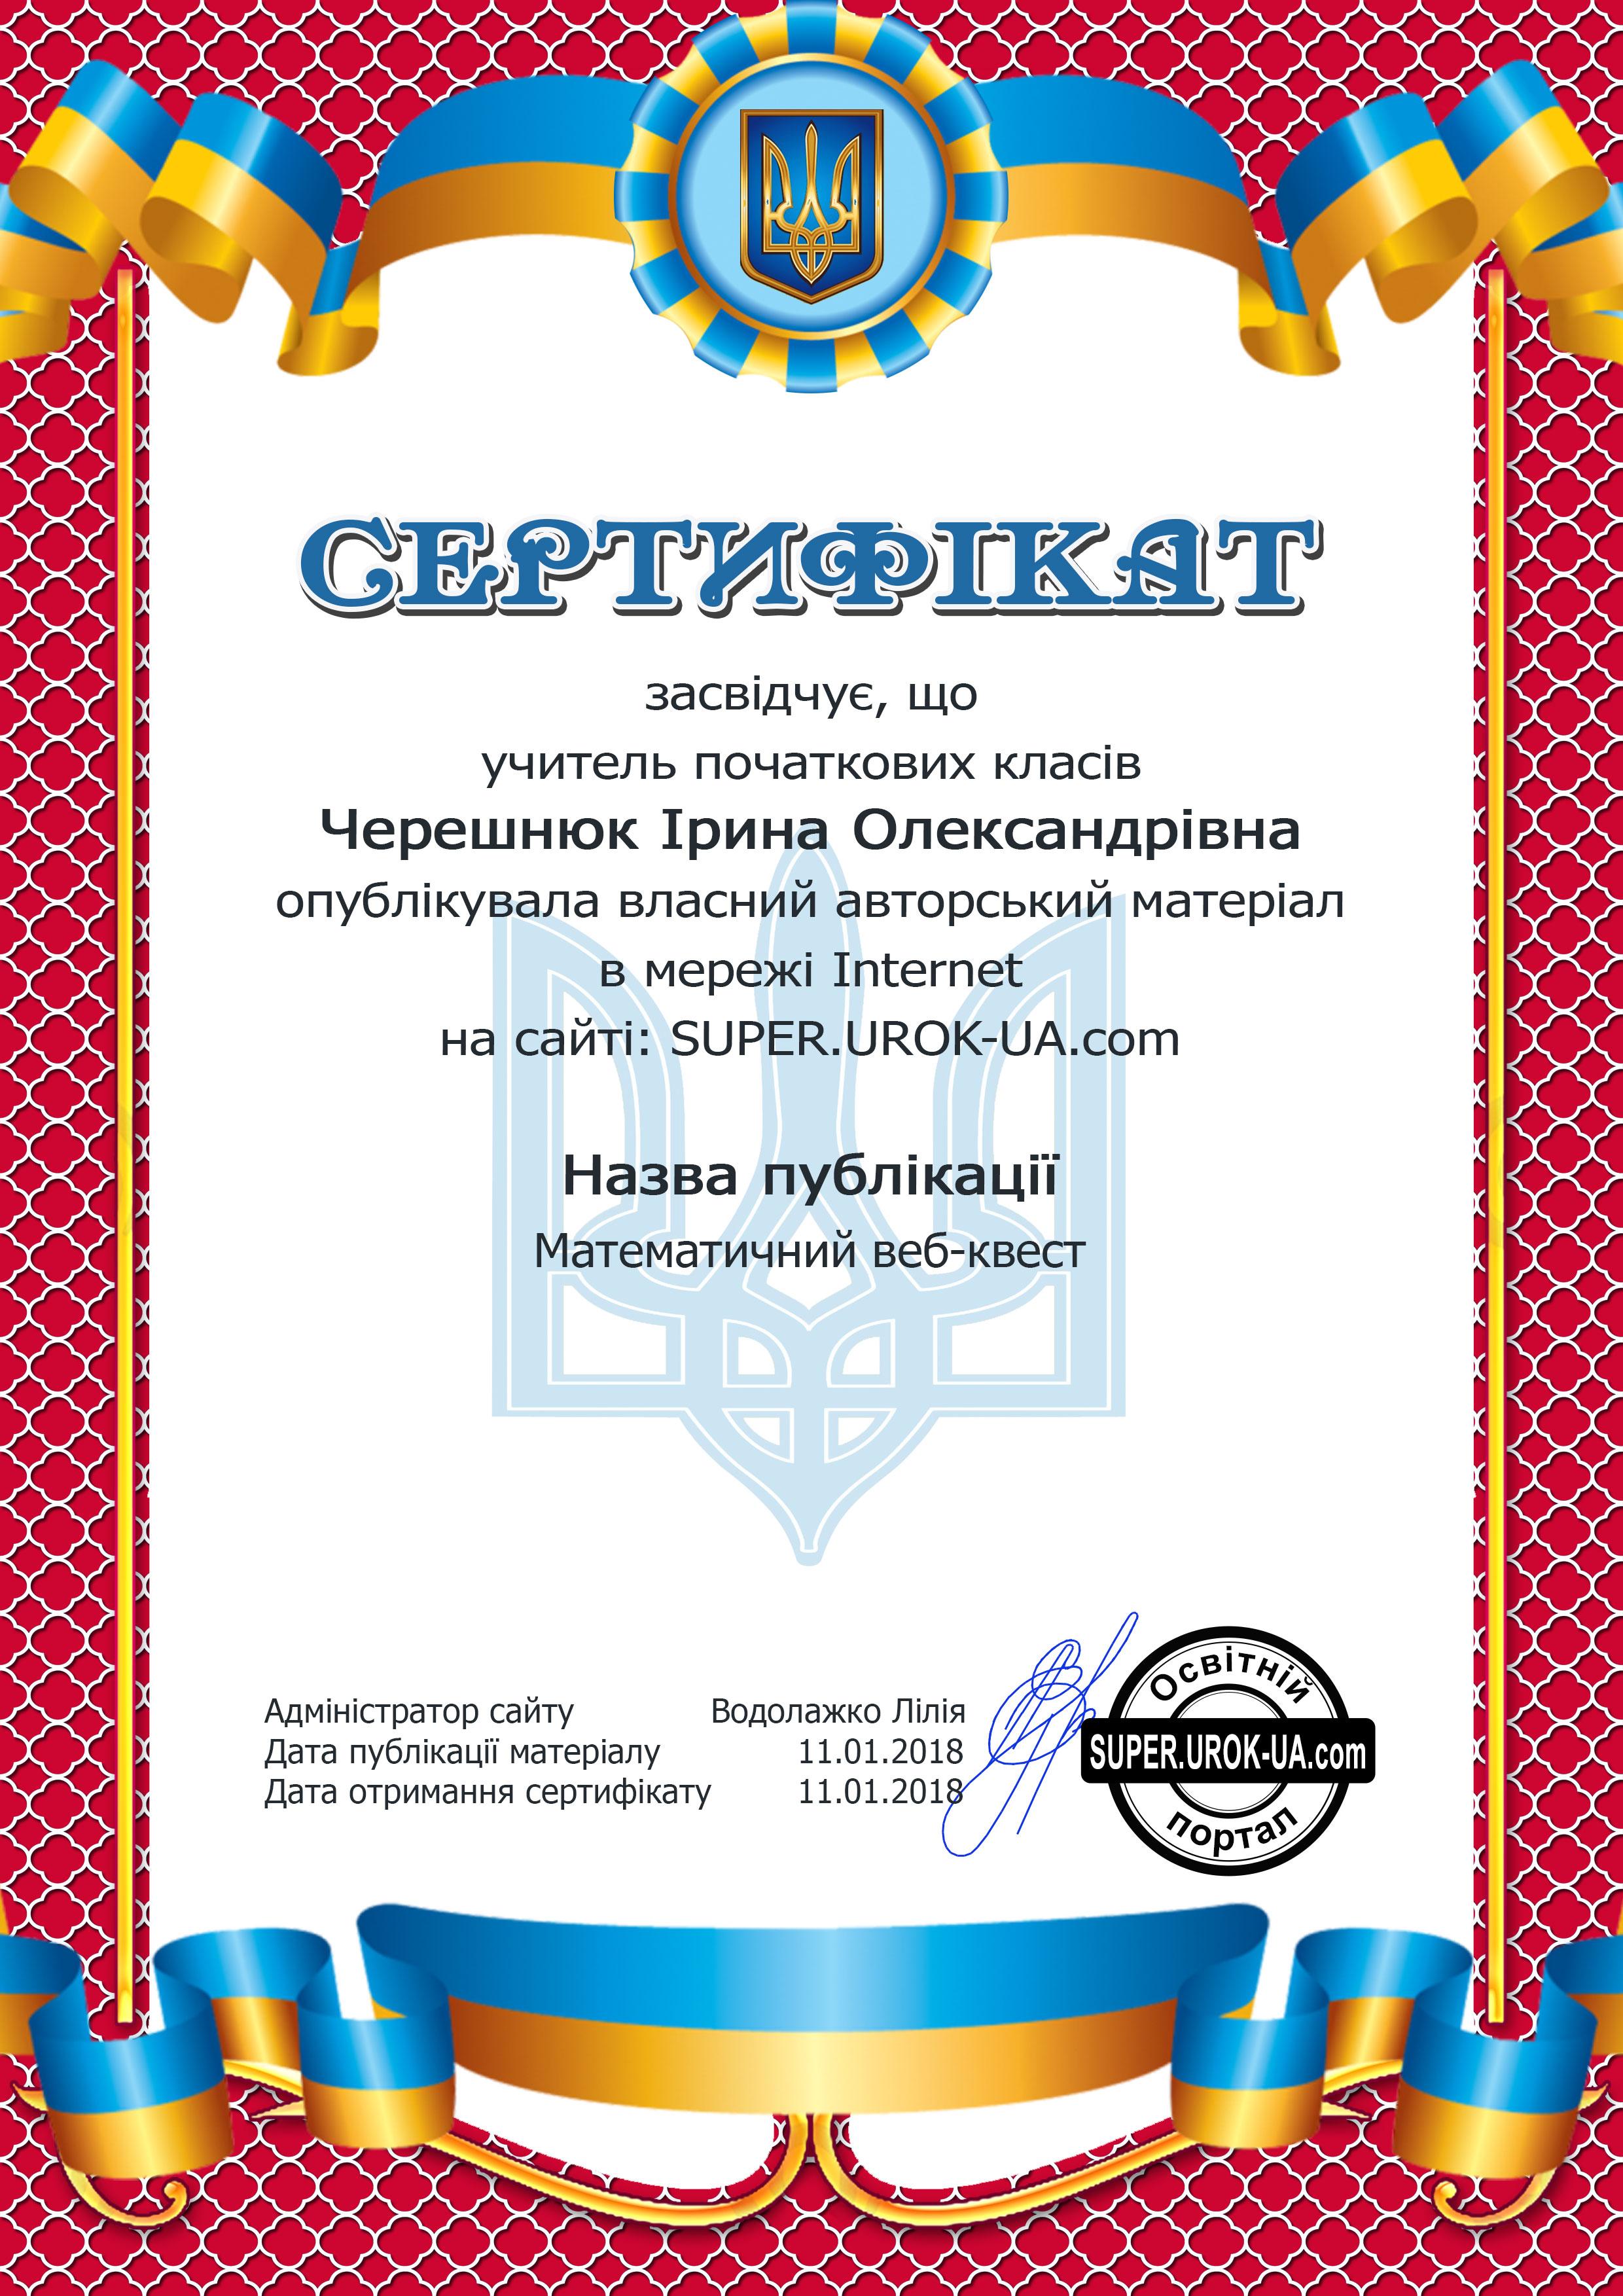 Сертифікат-194